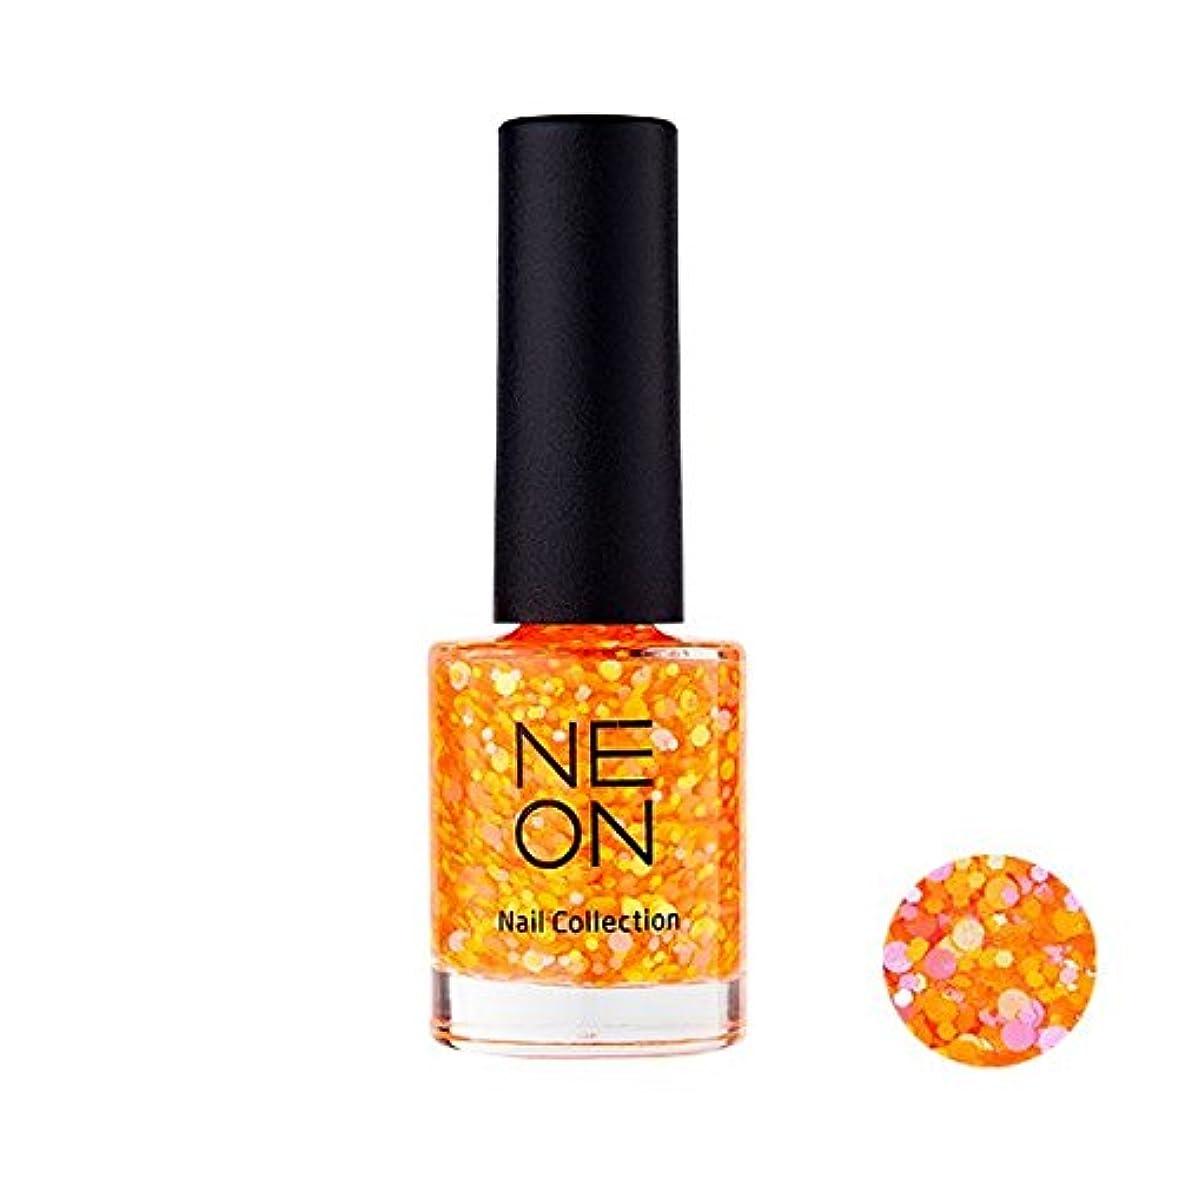 繁栄する模倣クリスチャンIt'S SKIN Neon nail collection [03 Neon Glitter Orange] イッツスキン ネオンネイルコレクション [03 ネオン グリッター オレンジ] [並行輸入品]